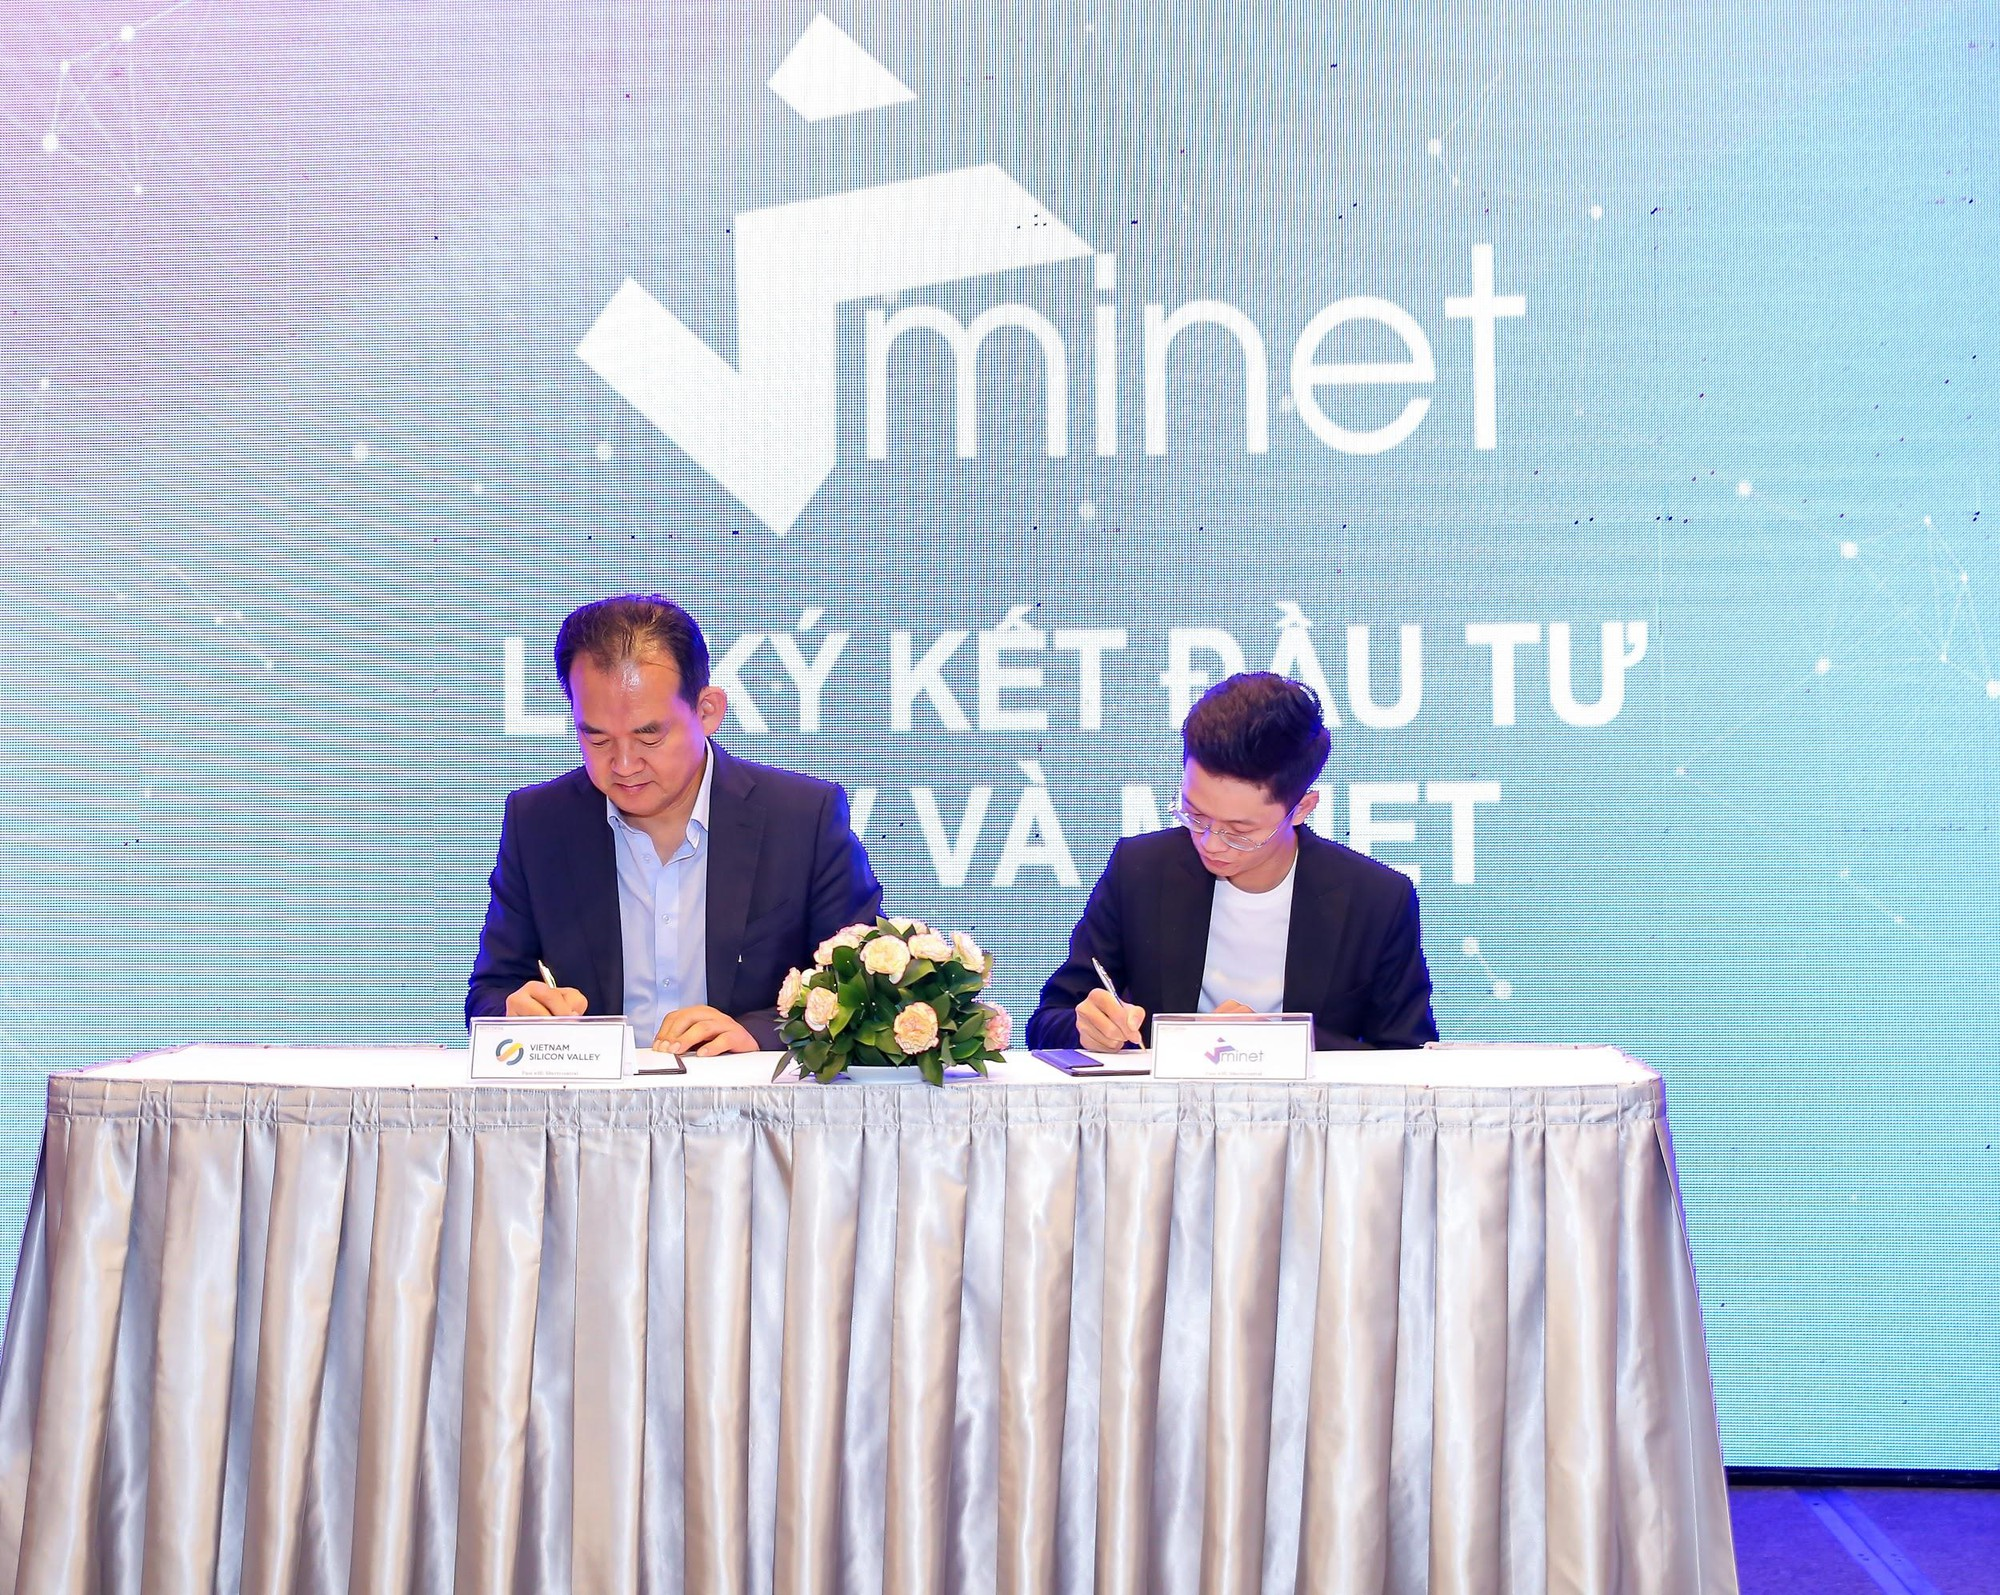 Startup lĩnh vực tiếp thị ảnh hưởng đầu tiên tại Việt Nam được định giá trên 1 triệu USD - Ảnh 1.